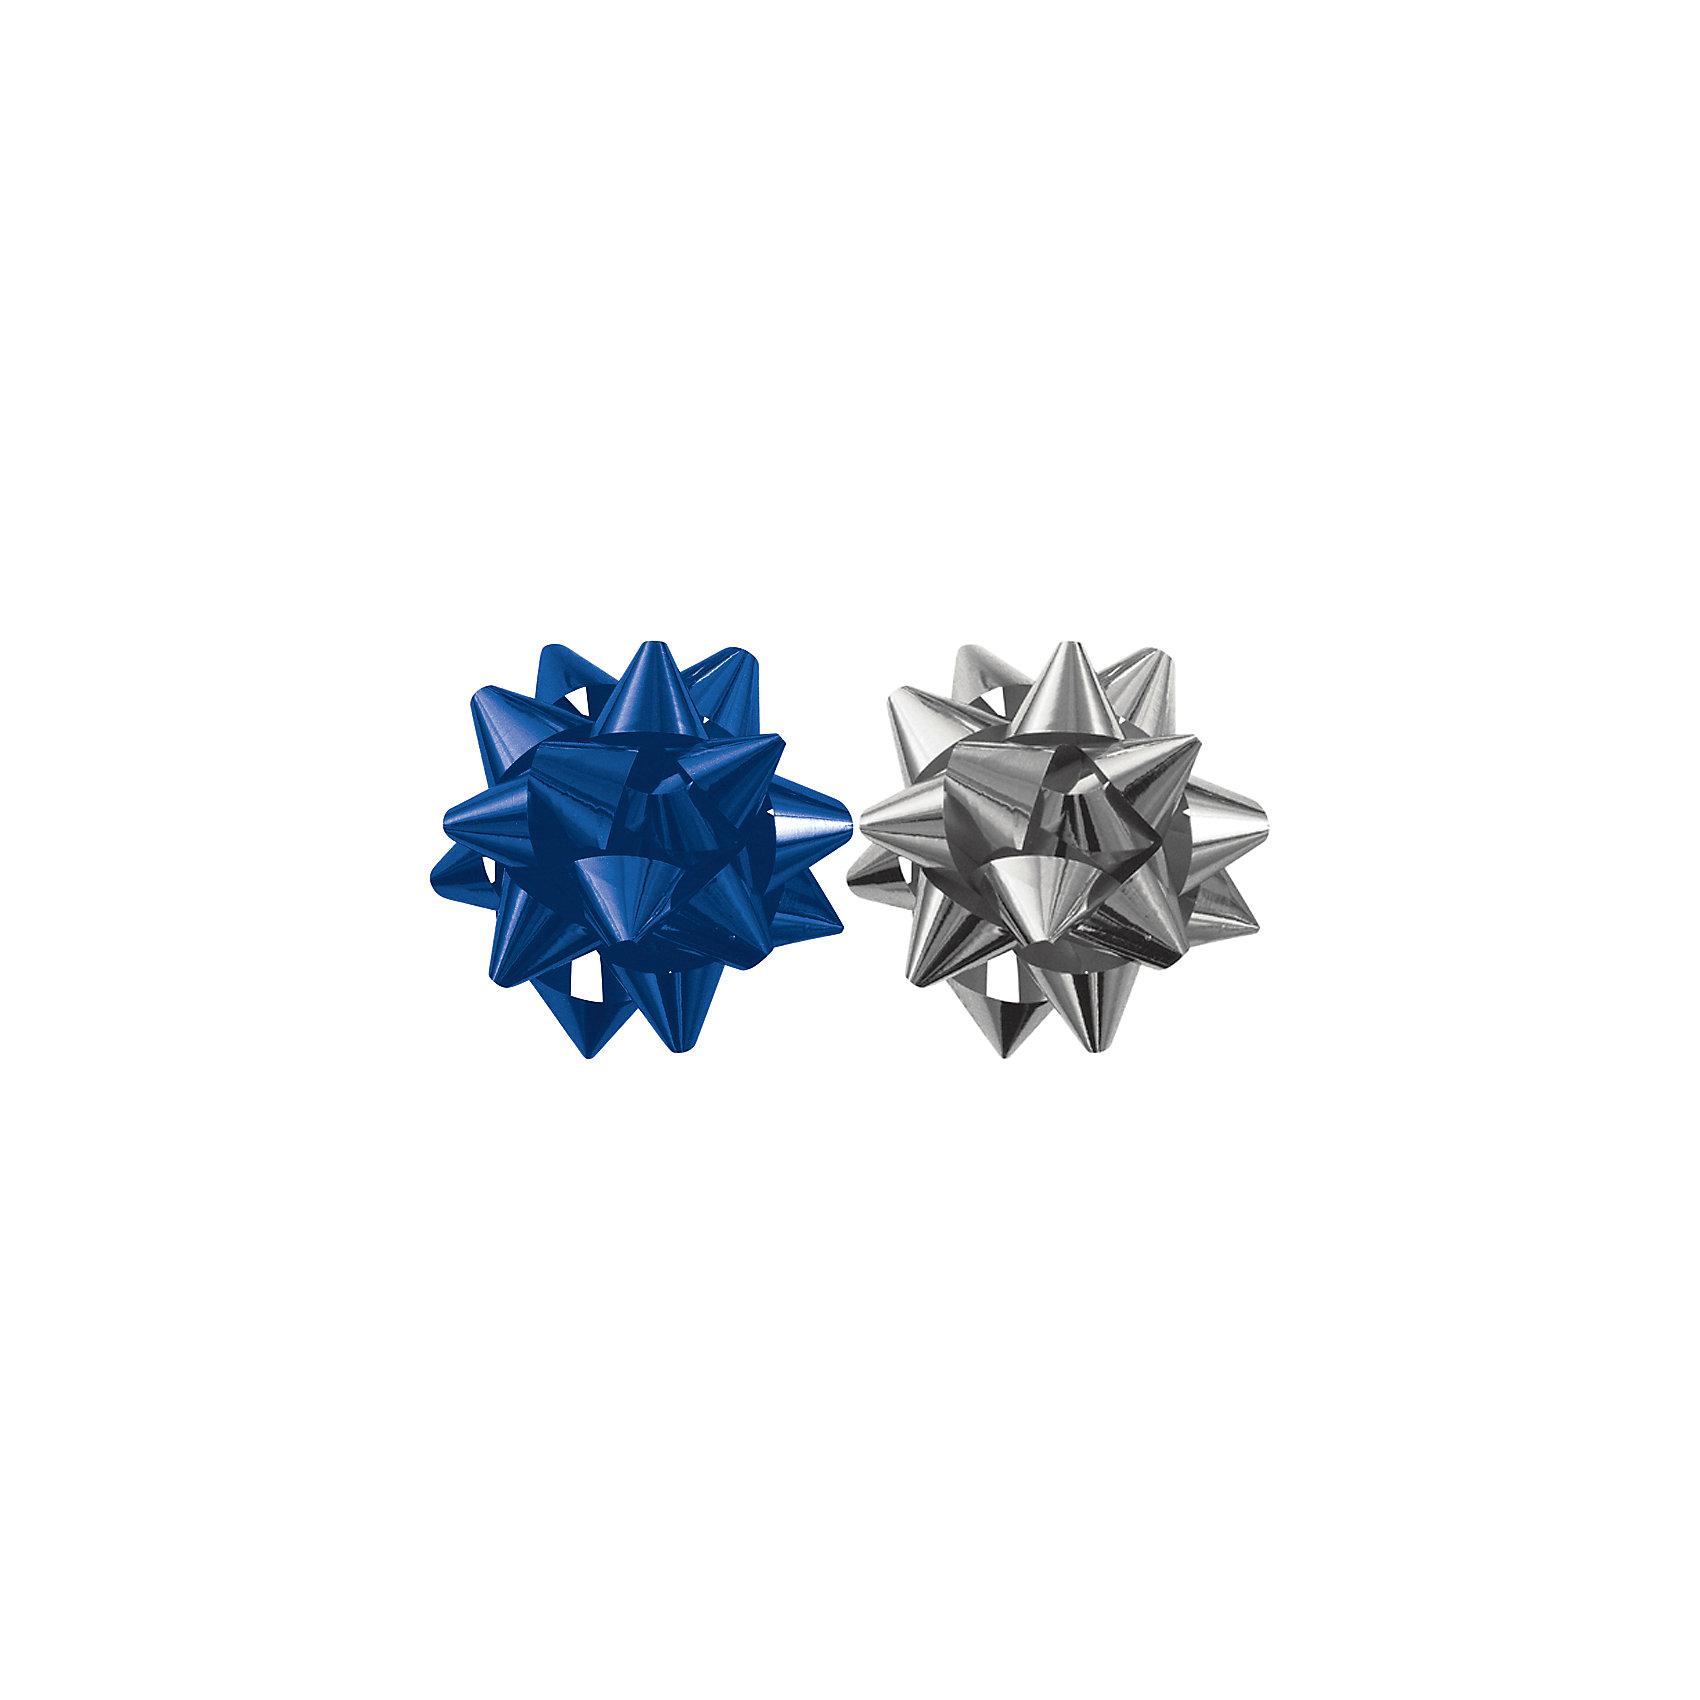 Бант-звезда, 2 штуки в PP пакете с подвесом (синий, серебряный) от myToys